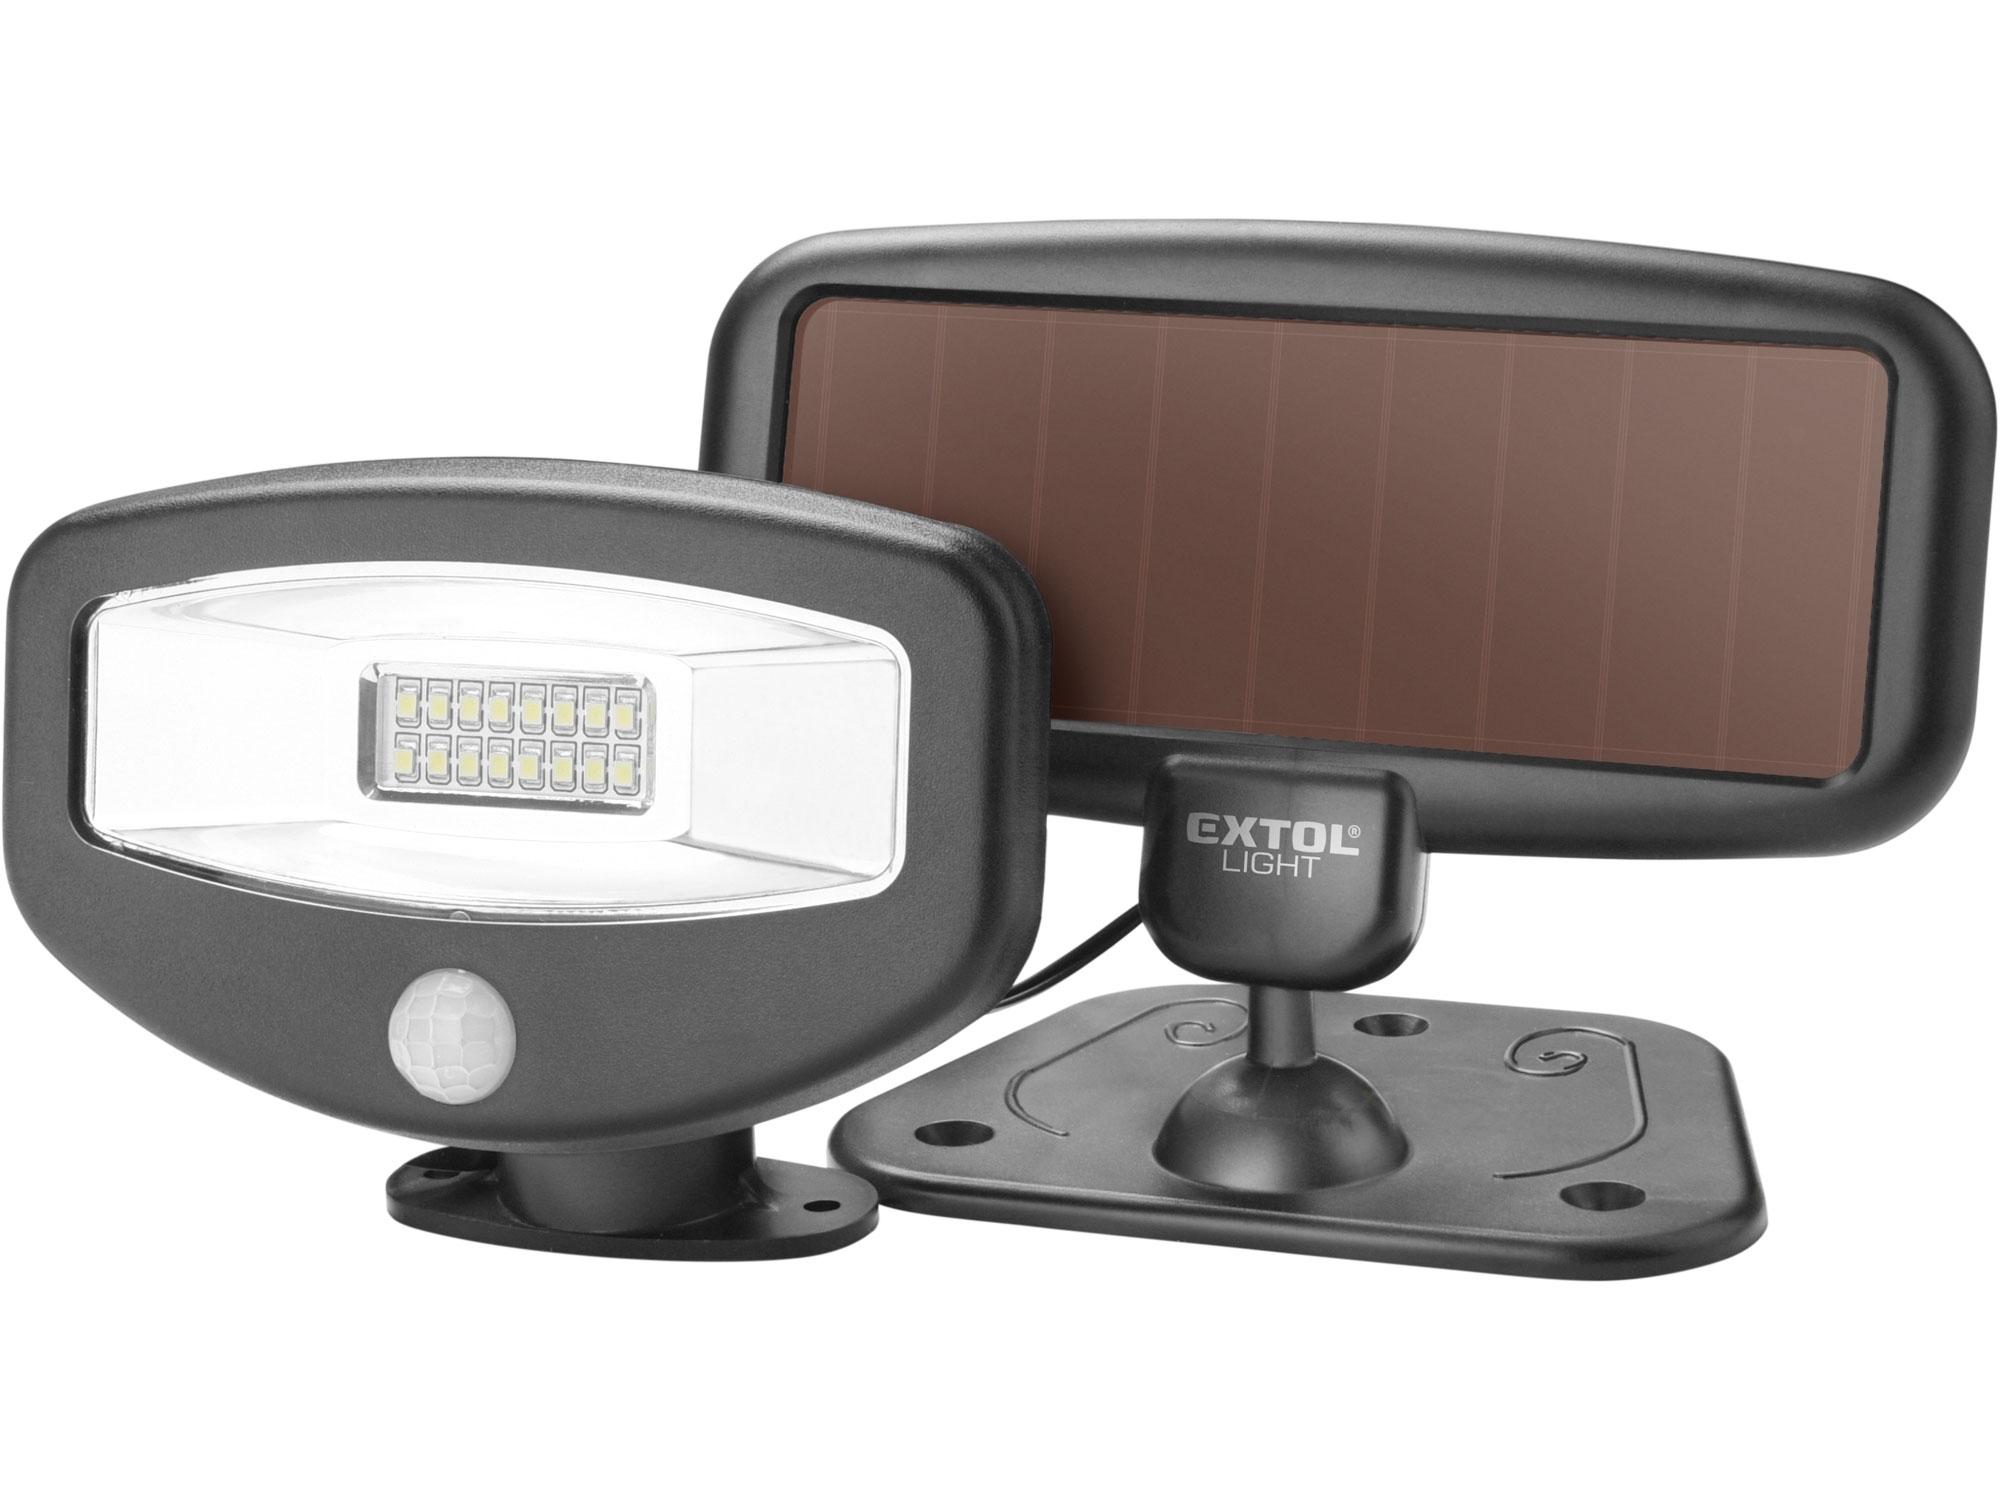 Reflektor LED s pohybovým čidlem, 100lm, solární nabíjení EXTOL LIGHT 43270